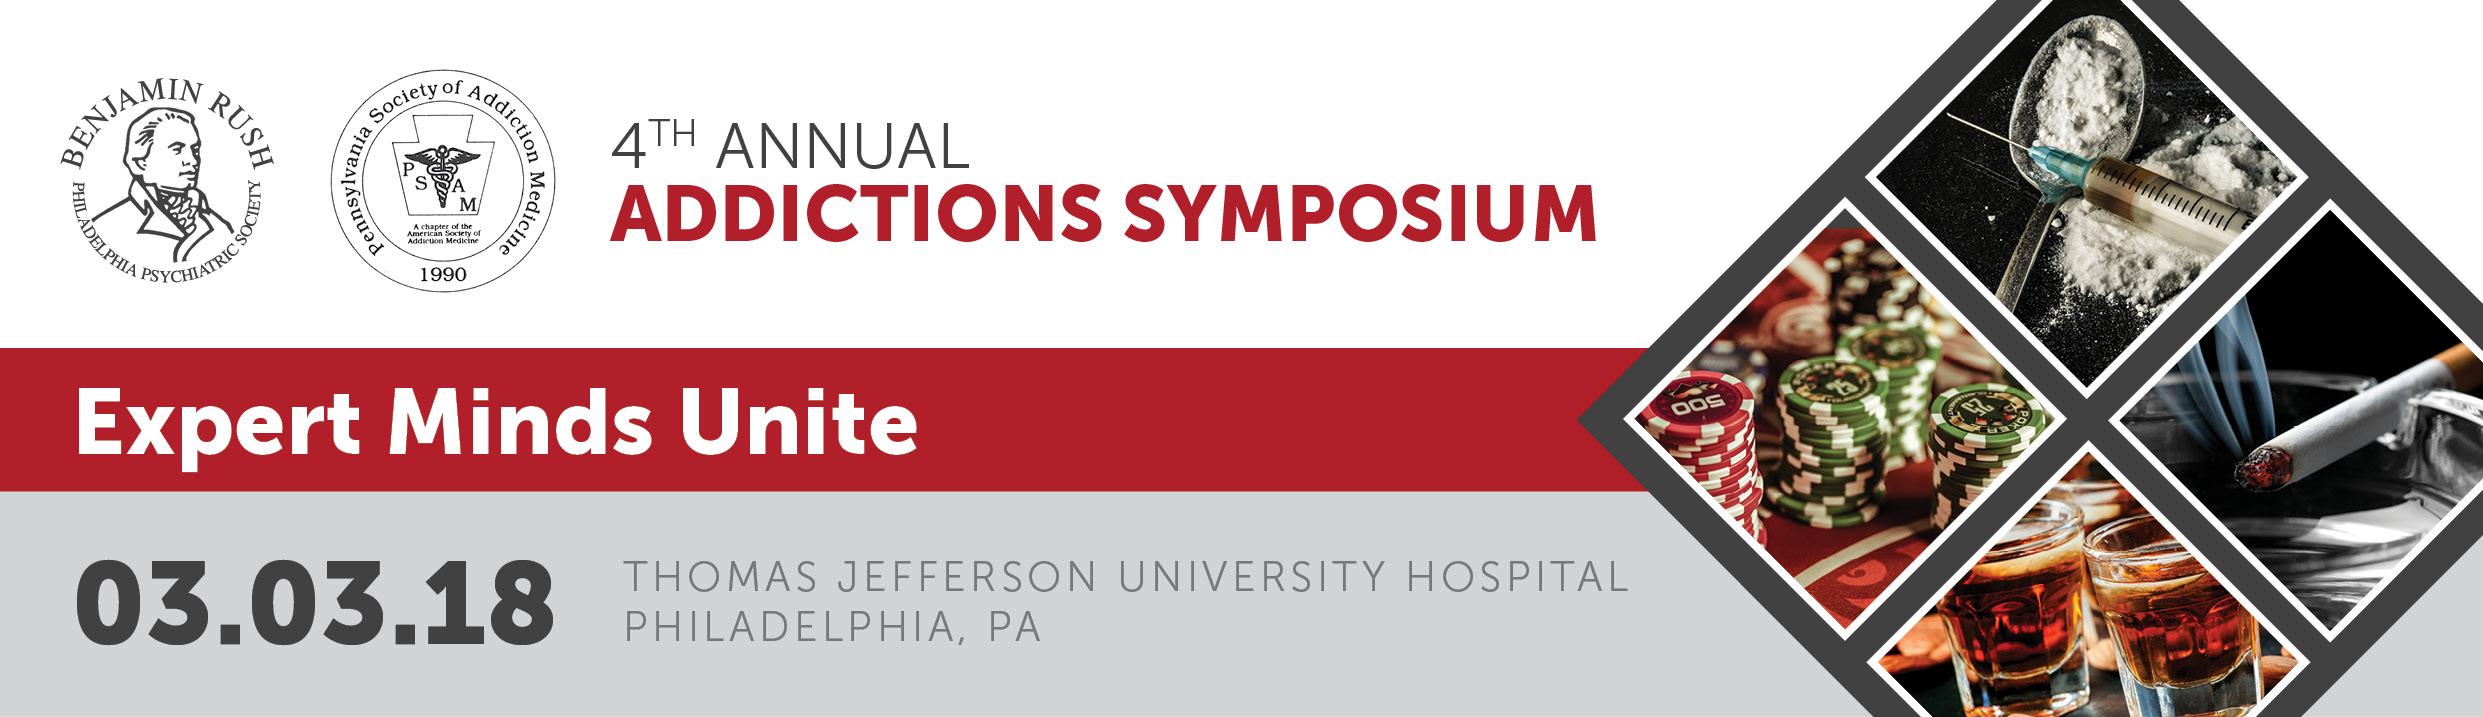 4th Annual Addictions Symposium - Exhibitor Registration